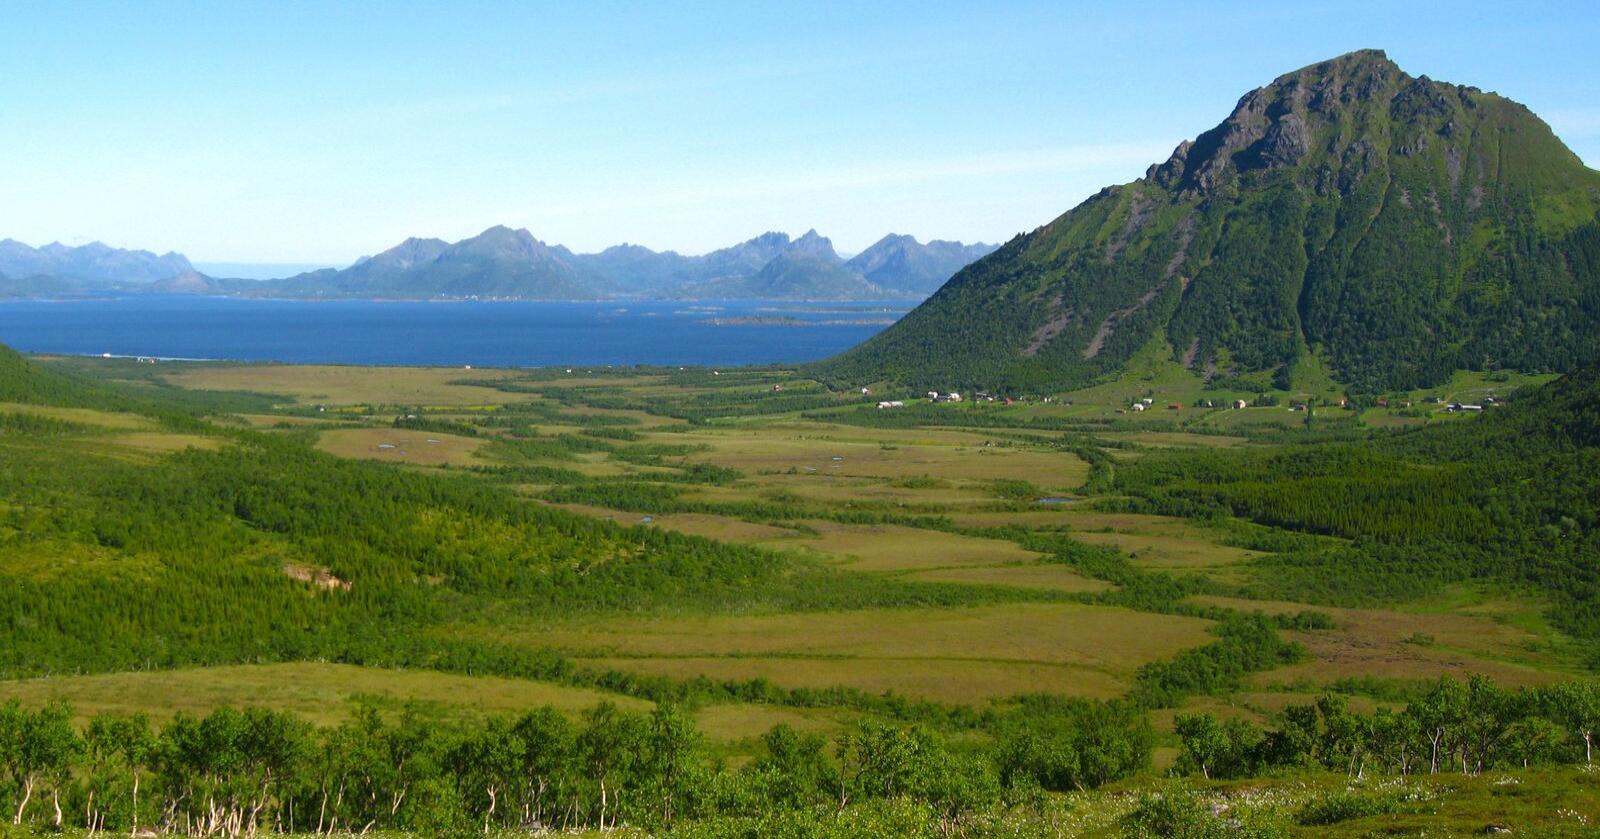 Opptak av karbon er en viktig del av jordbrukets klimaavtale med staten. På bildet sees myrområdene i Breidvikdalen (Hadsel i Nordland). De store myrkompleksene i Nord-Norge binder enorme mengder med karbon som er bygd opp siden siste istid. Foto: Anders Bryn